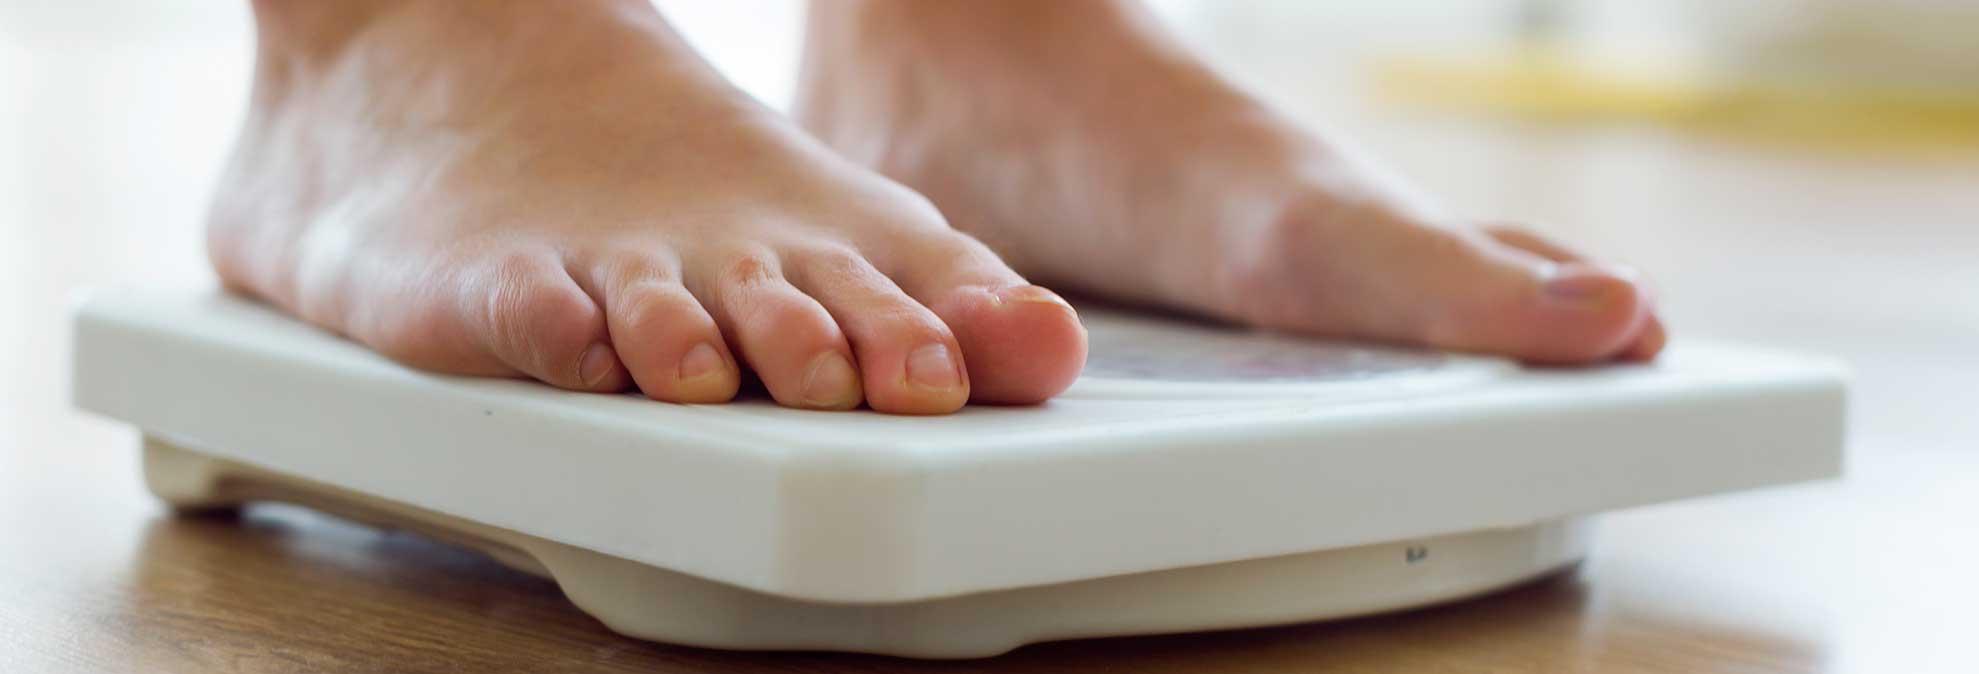 Will quitting caffeine help lose weight